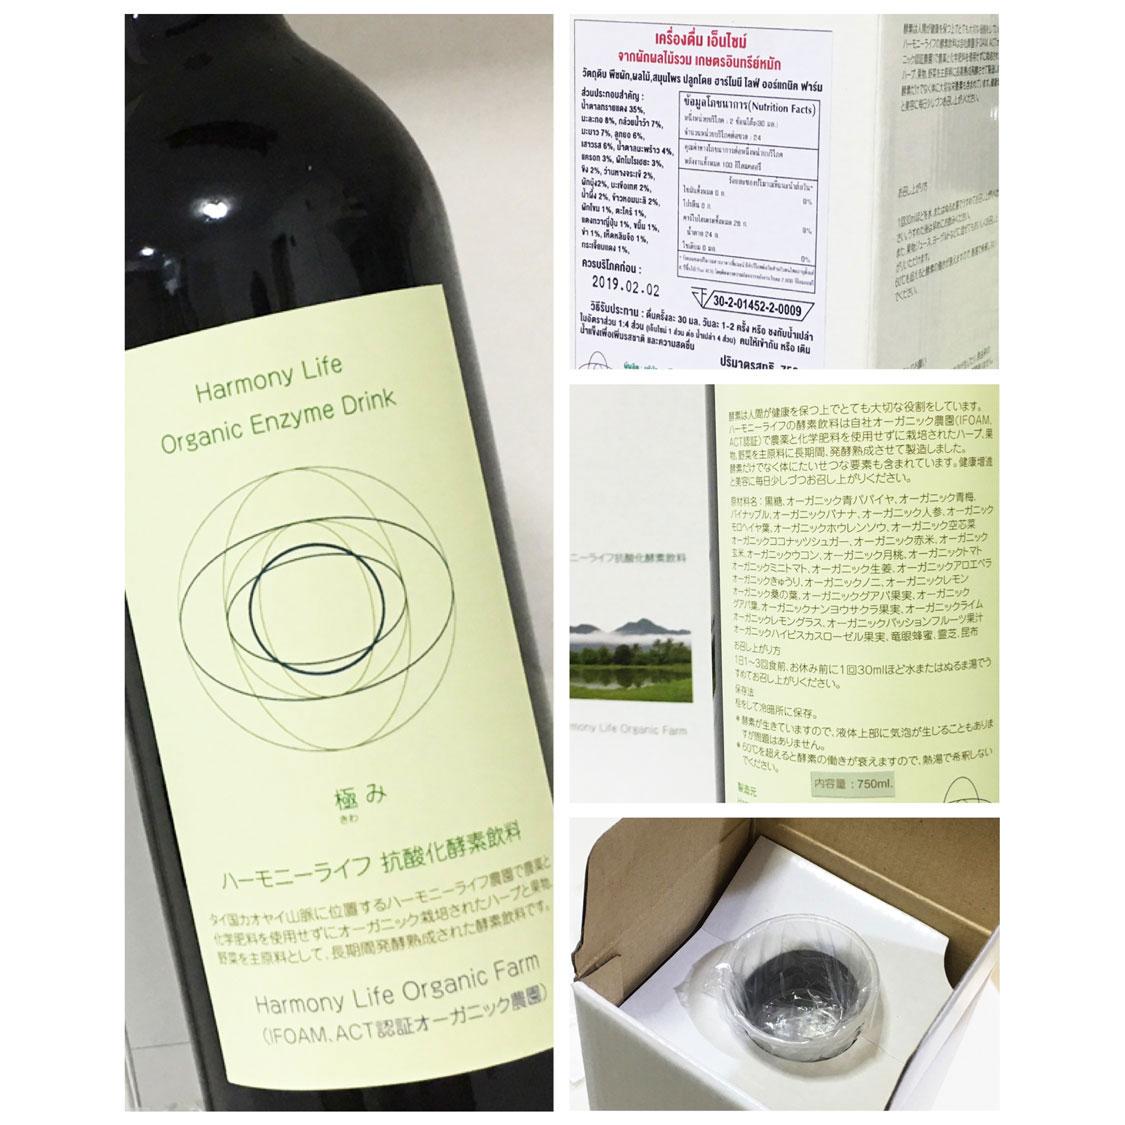 คิวามิ เครื่องดื่มเอนไซม์ ออร์แกนิค 750 ml.